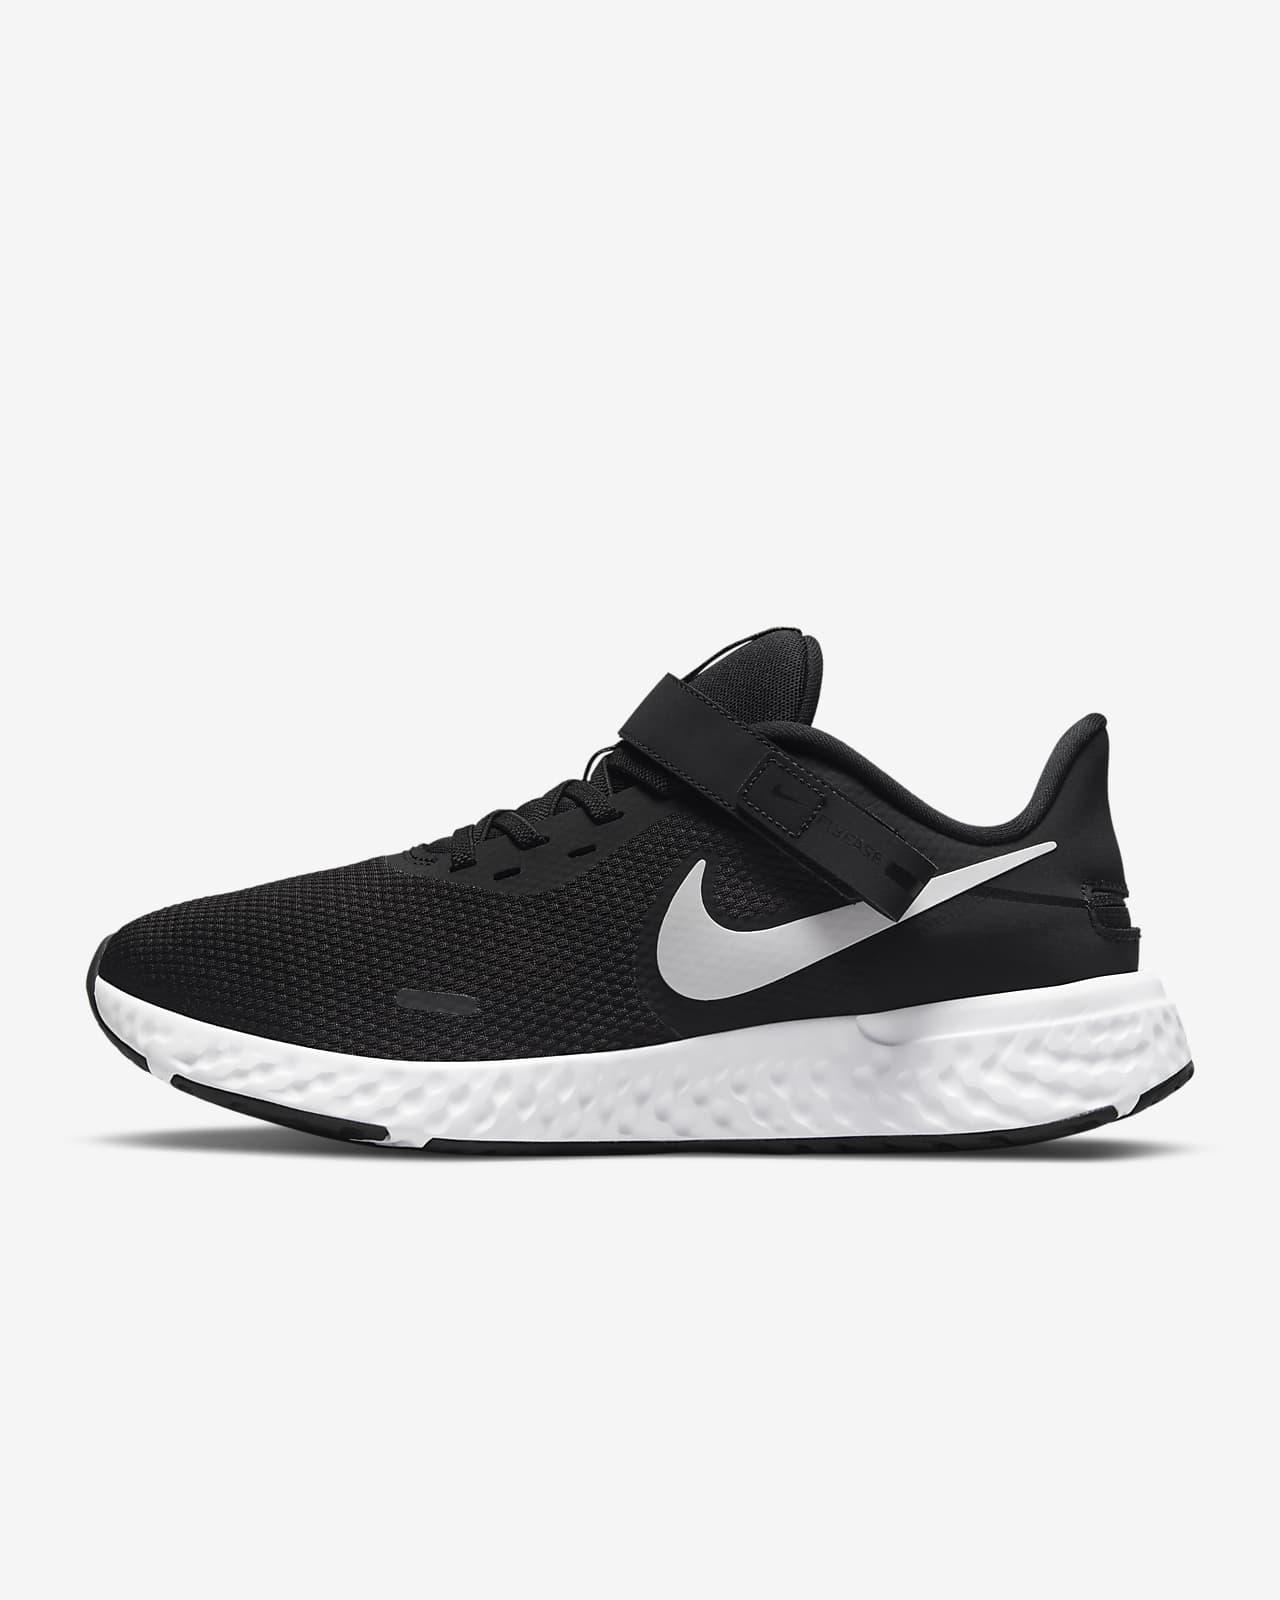 Nike Revolution 5 FlyEase Kolayca Giyilip Çıkarılabilen Erkek Yol Koşu Ayakkabısı